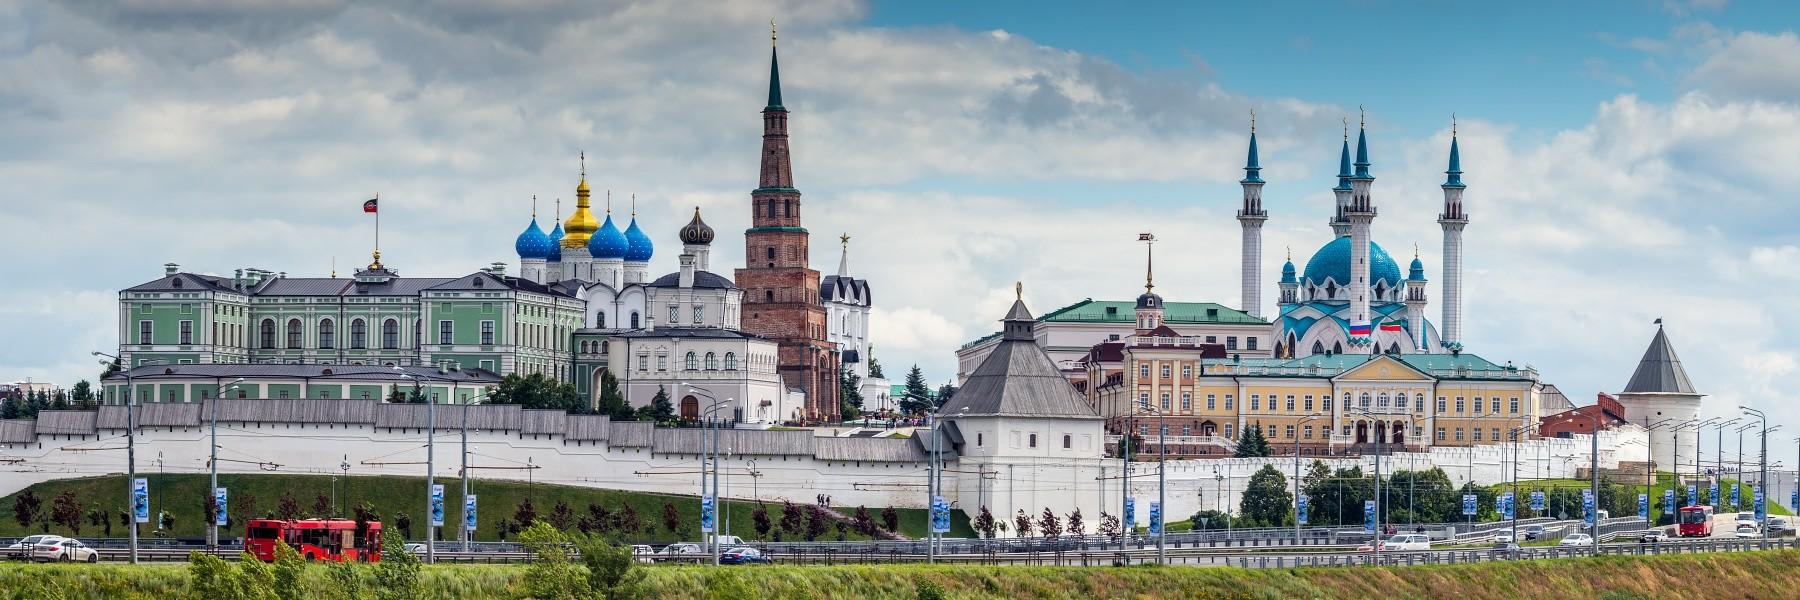 2018_04_19.kreml' panarama